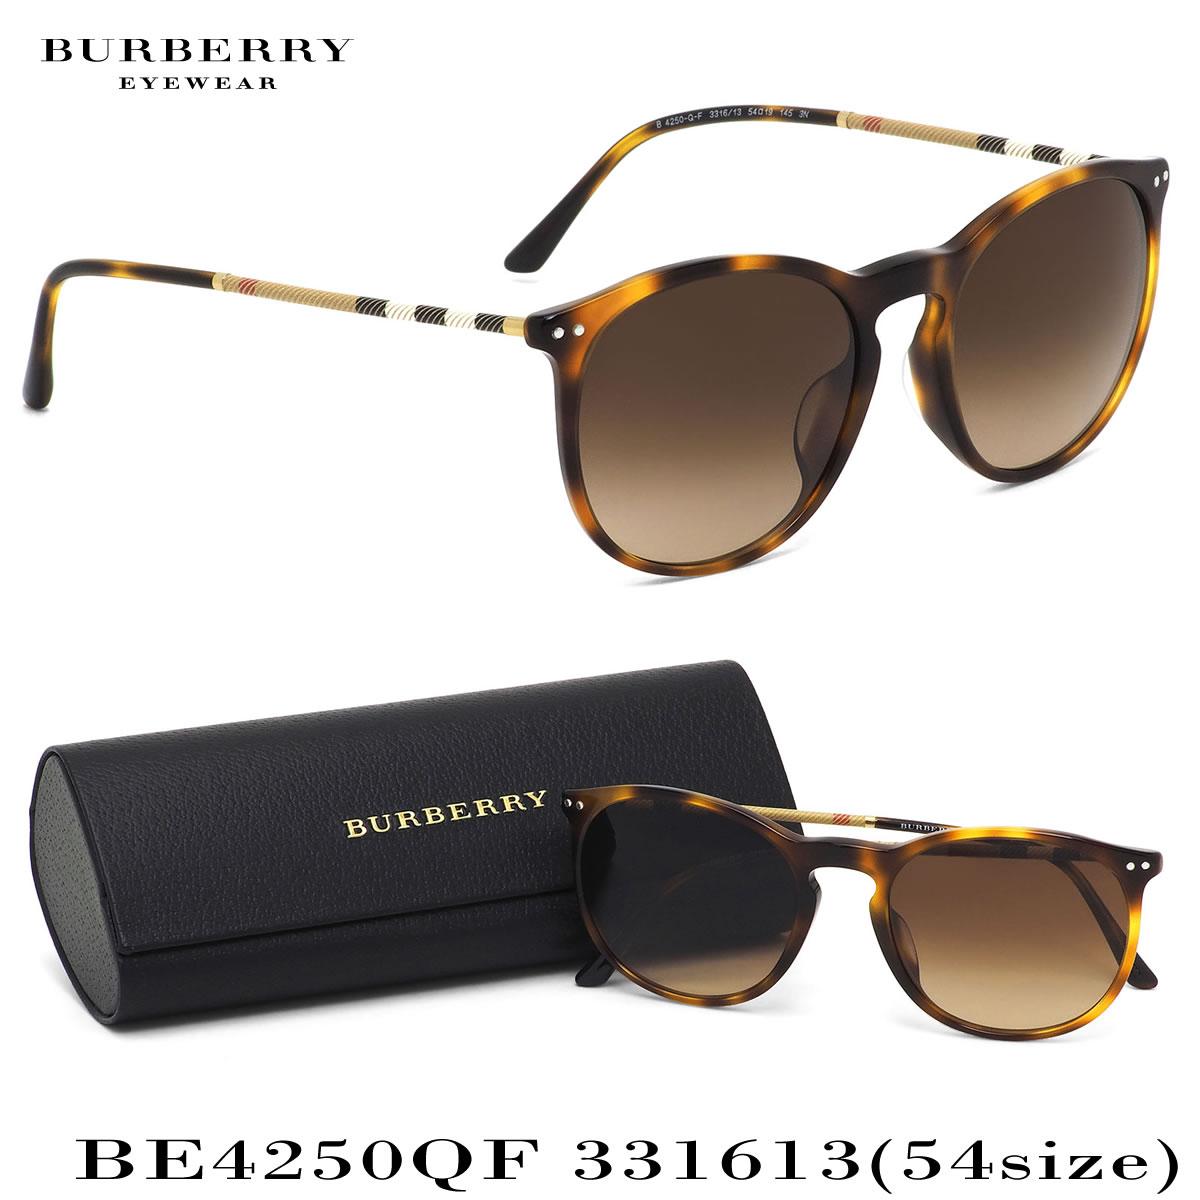 バーバリー BURBERRY サングラス BE4250QF 331613 54サイズ ウェリントン スクエア ハウスチェック キーホールブリッジ べっ甲 クラシック プローサム ロンドン prorsum バーバリー BURBERRY メンズ レディース